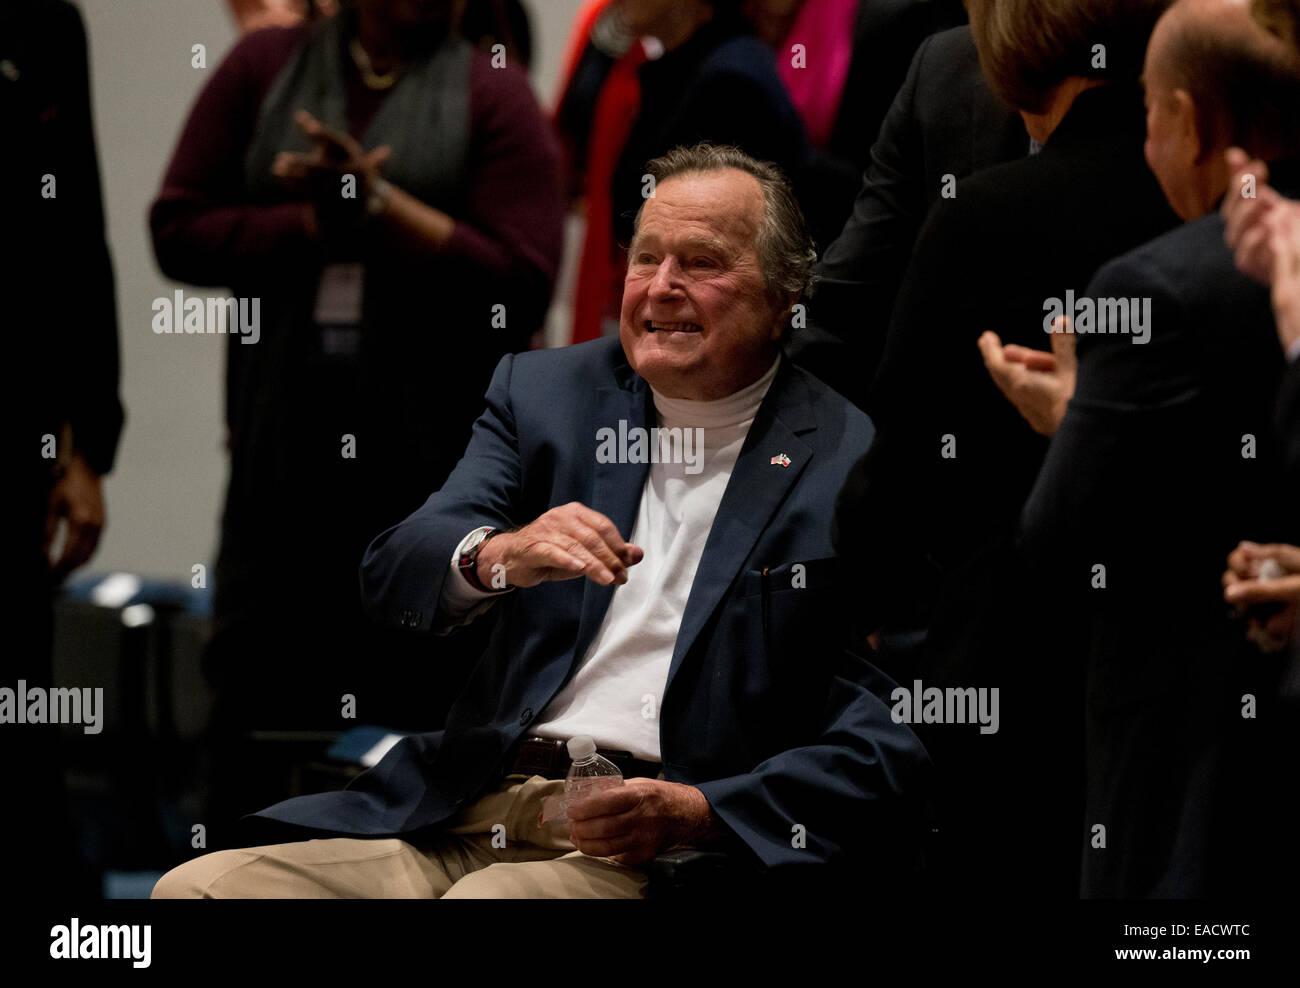 """College Station, Texas, EE.UU. 11 de noviembre de 2014. El ex presidente estadounidense George H. W. Bush olas como su hijo, el ex Presidente George W. Bush habla sobre su nuevo libro, '41_un retrato de mi padre"""" durante un evento del libro en la biblioteca de Bush en Texas A&M University. Bush, de 90 años, fue el 41º Presidente de los Estados Unidos. Crédito: Bob Daemmrich/Alamy Live News Foto de stock"""